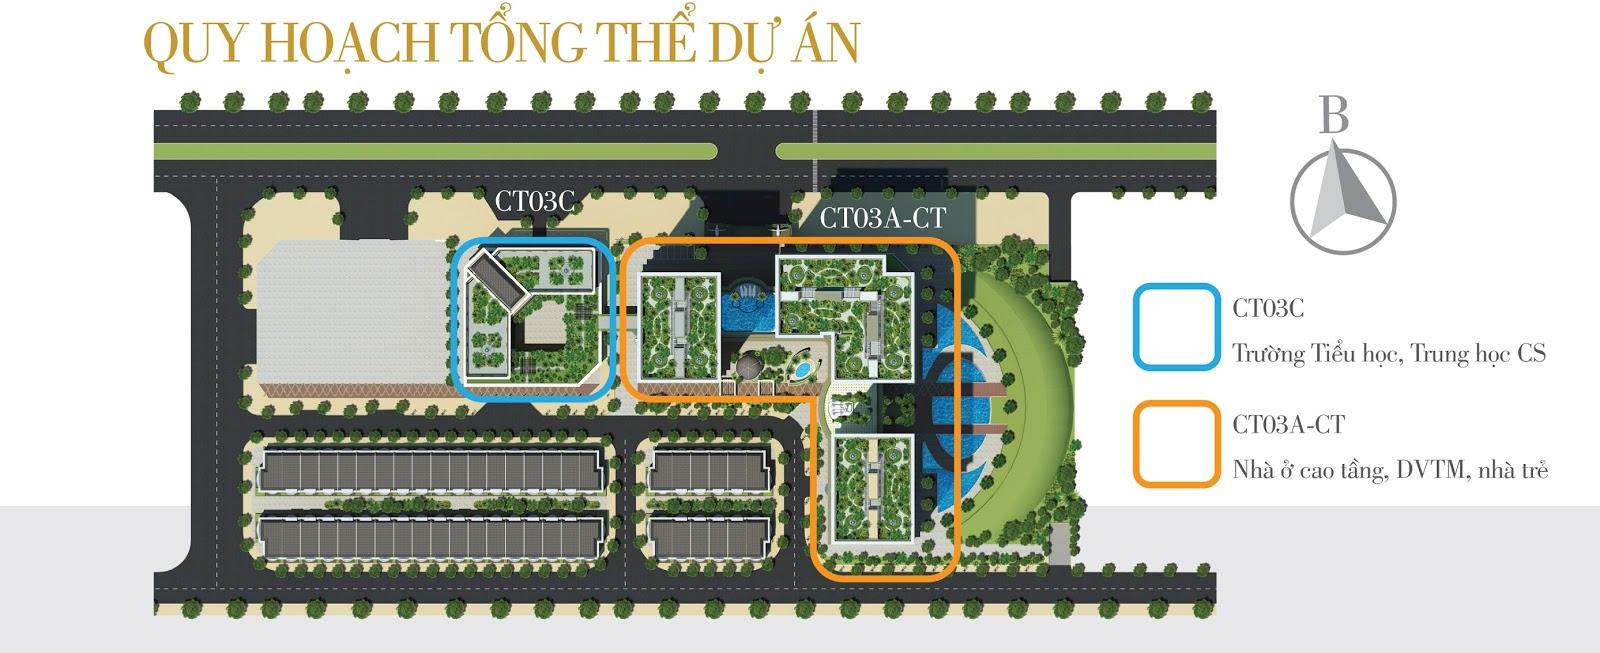 Sunshine Riverside - Cơ hội sở hữu và đầu tư căn hộ vị trí đẹp nhất Hà Nội 0972658022 Mr Tuân